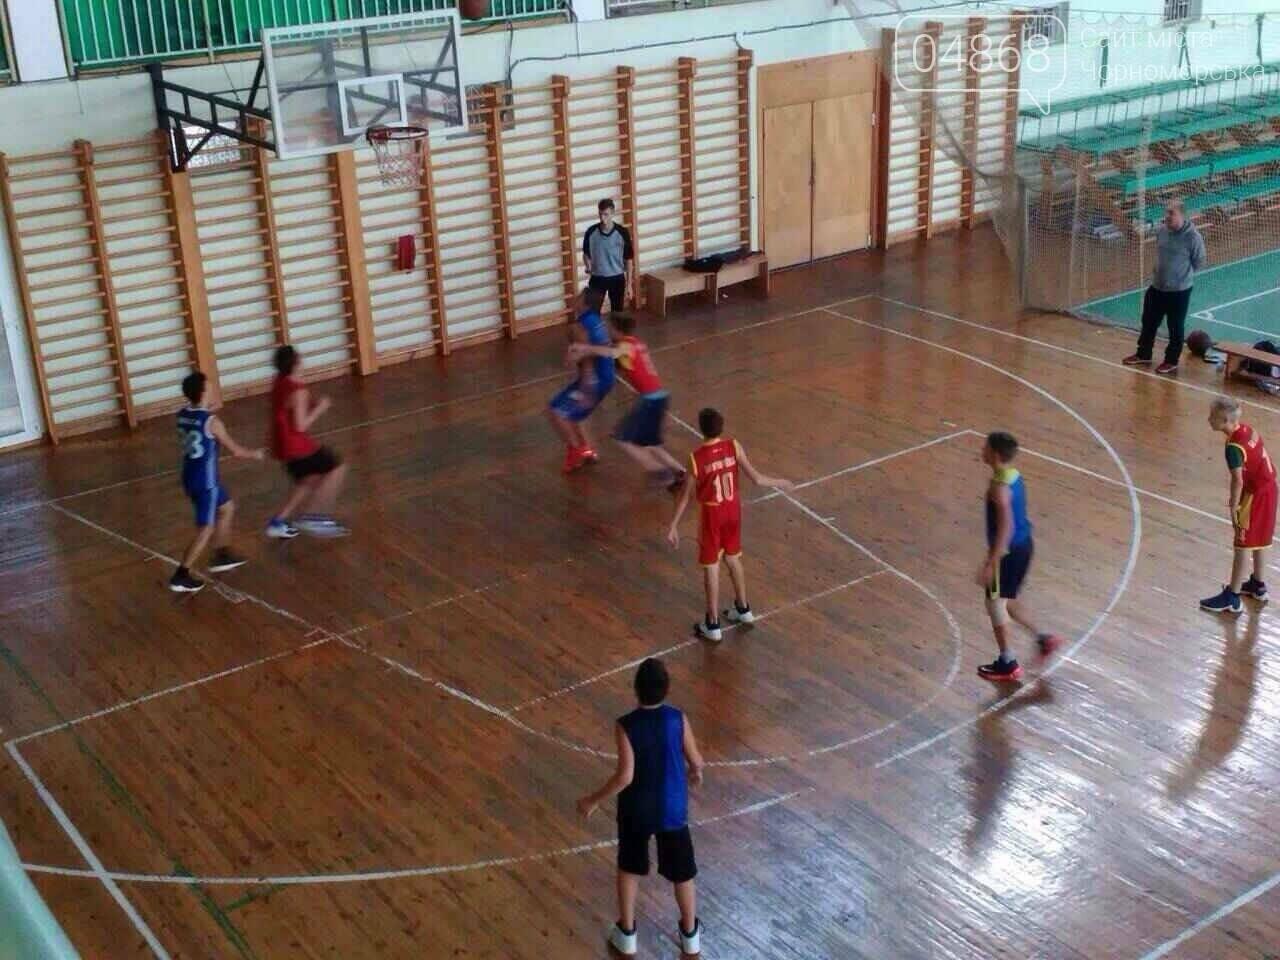 Стартовал ежегодный турнир по баскетболу Черноморская детская лига, фото-2